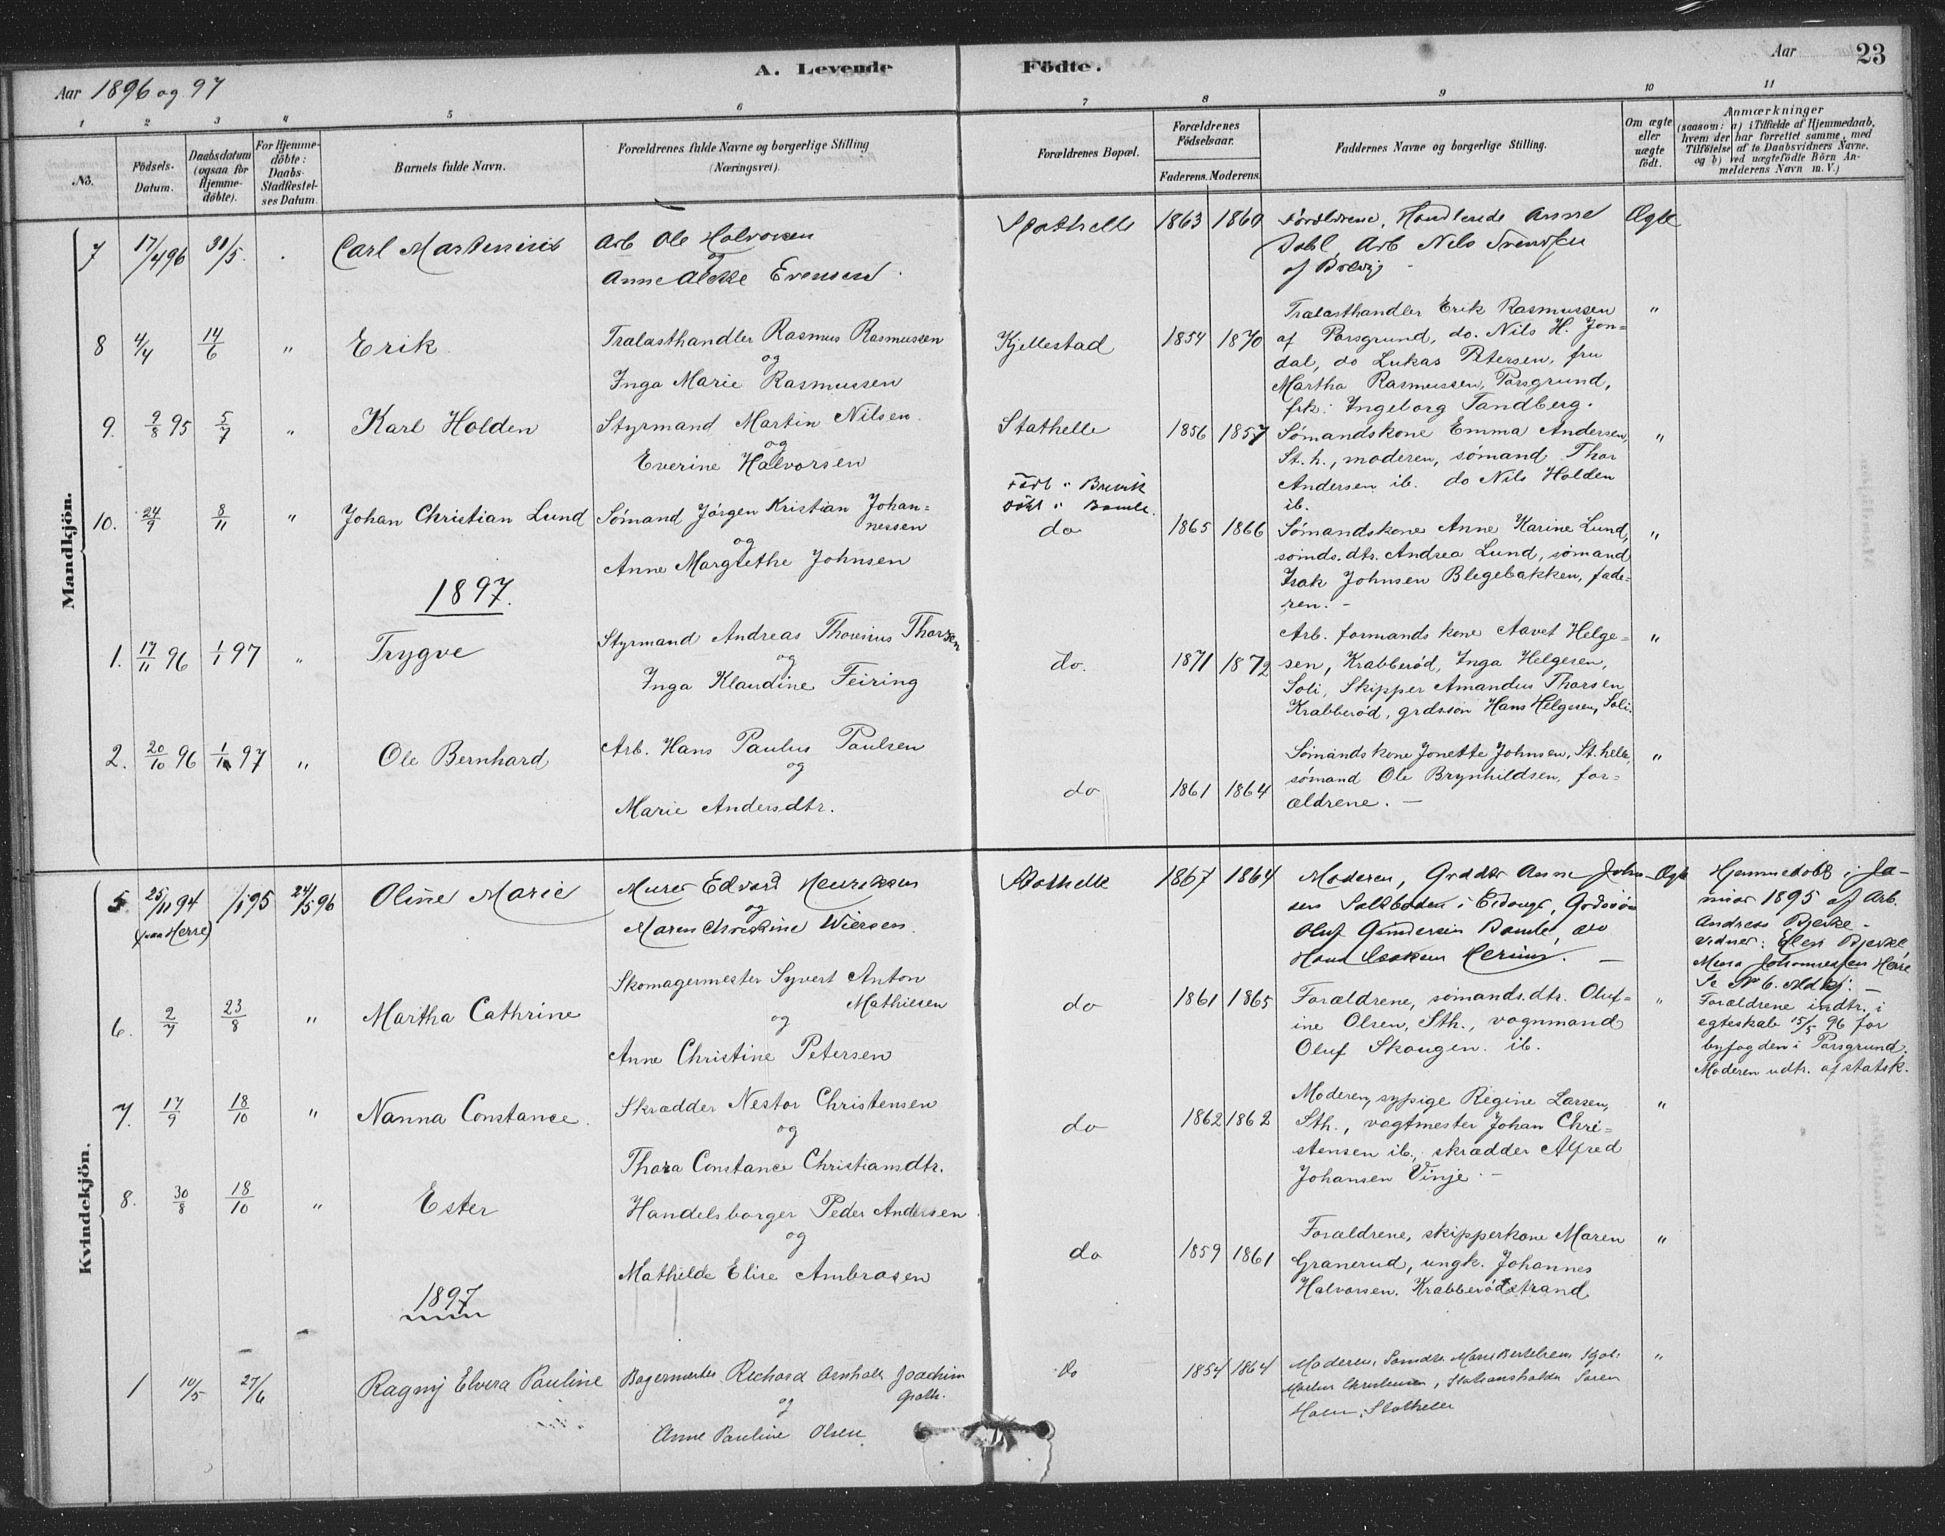 SAKO, Bamble kirkebøker, F/Fb/L0001: Ministerialbok nr. II 1, 1878-1899, s. 23